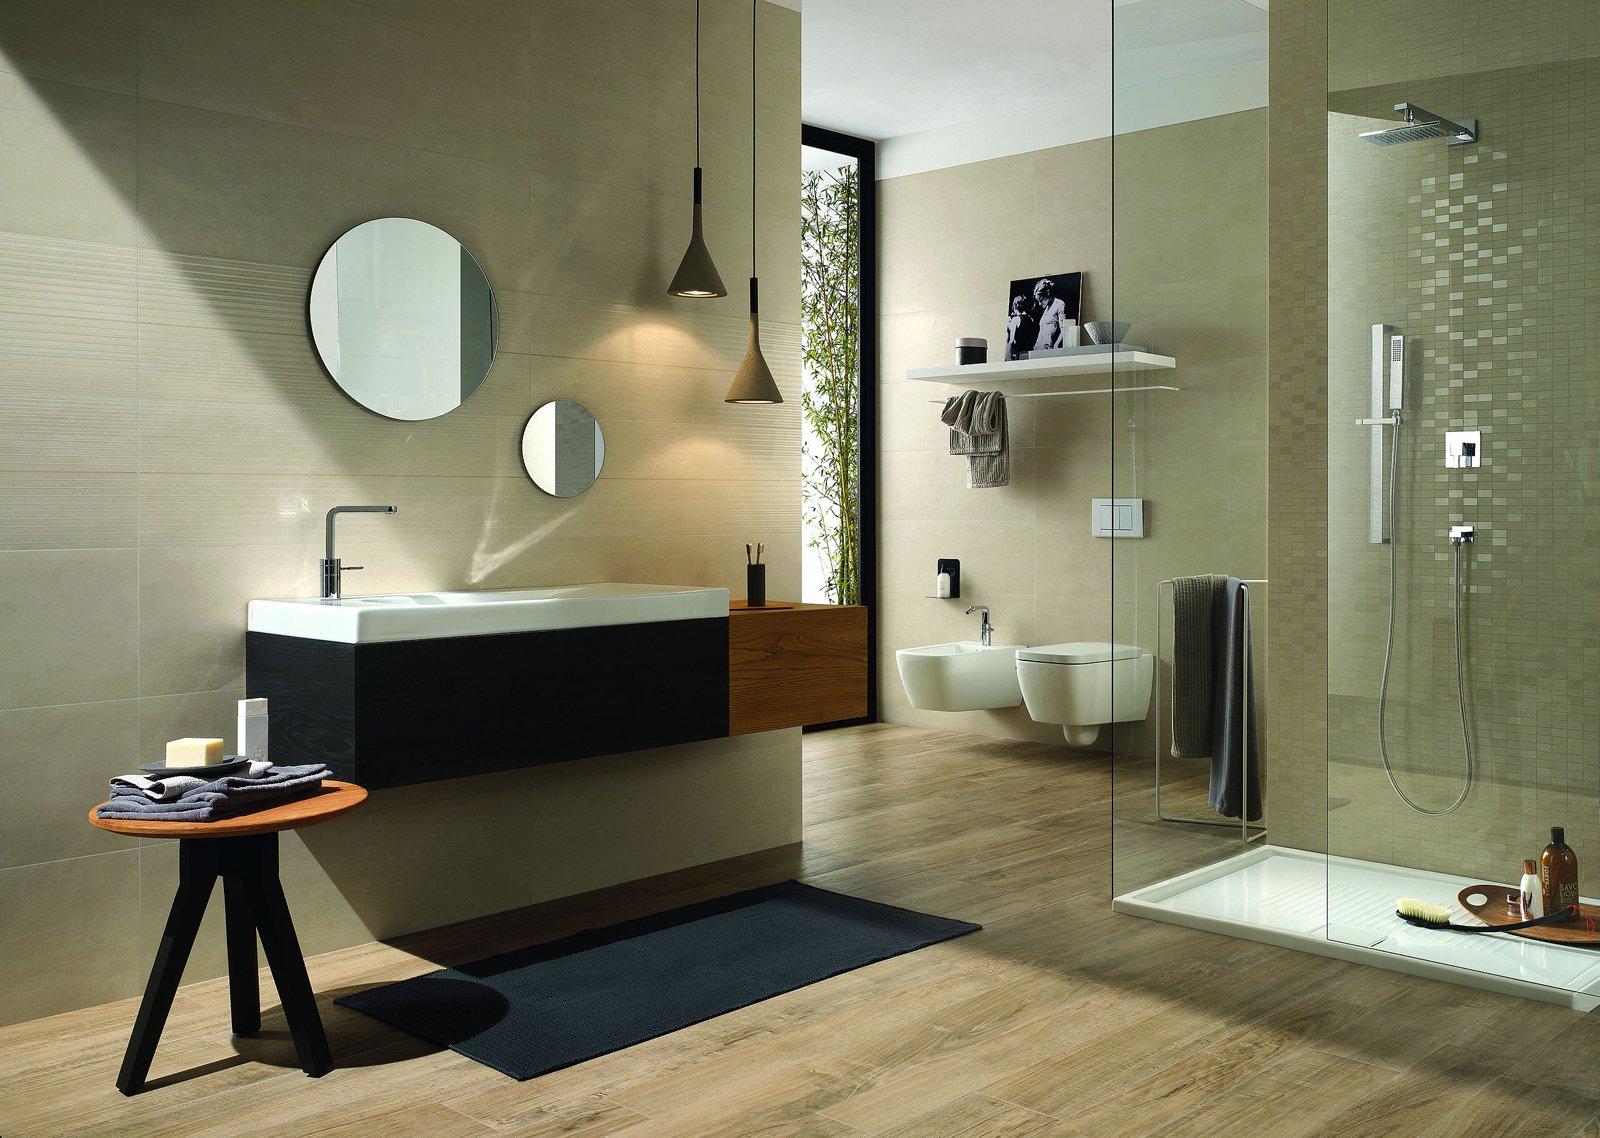 Piastrelle per il bagno tre stili diversi cose di casa for Diversi tipi di case da costruire